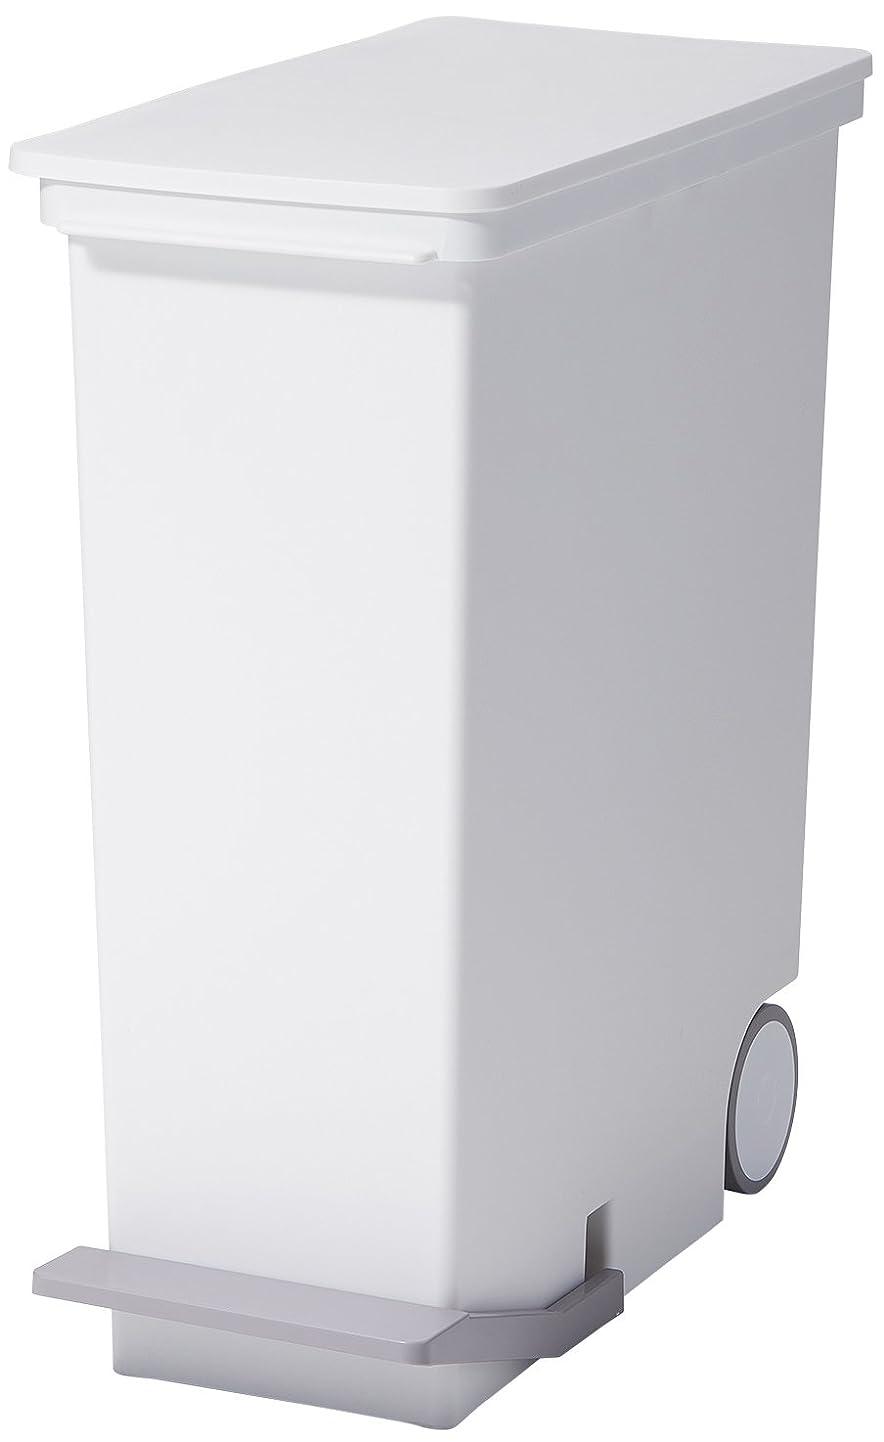 解くスカルクリットルlike-it ゴミ箱 ペダル ペール スリム 縦型 オルア ホワイト 33L LBD-14